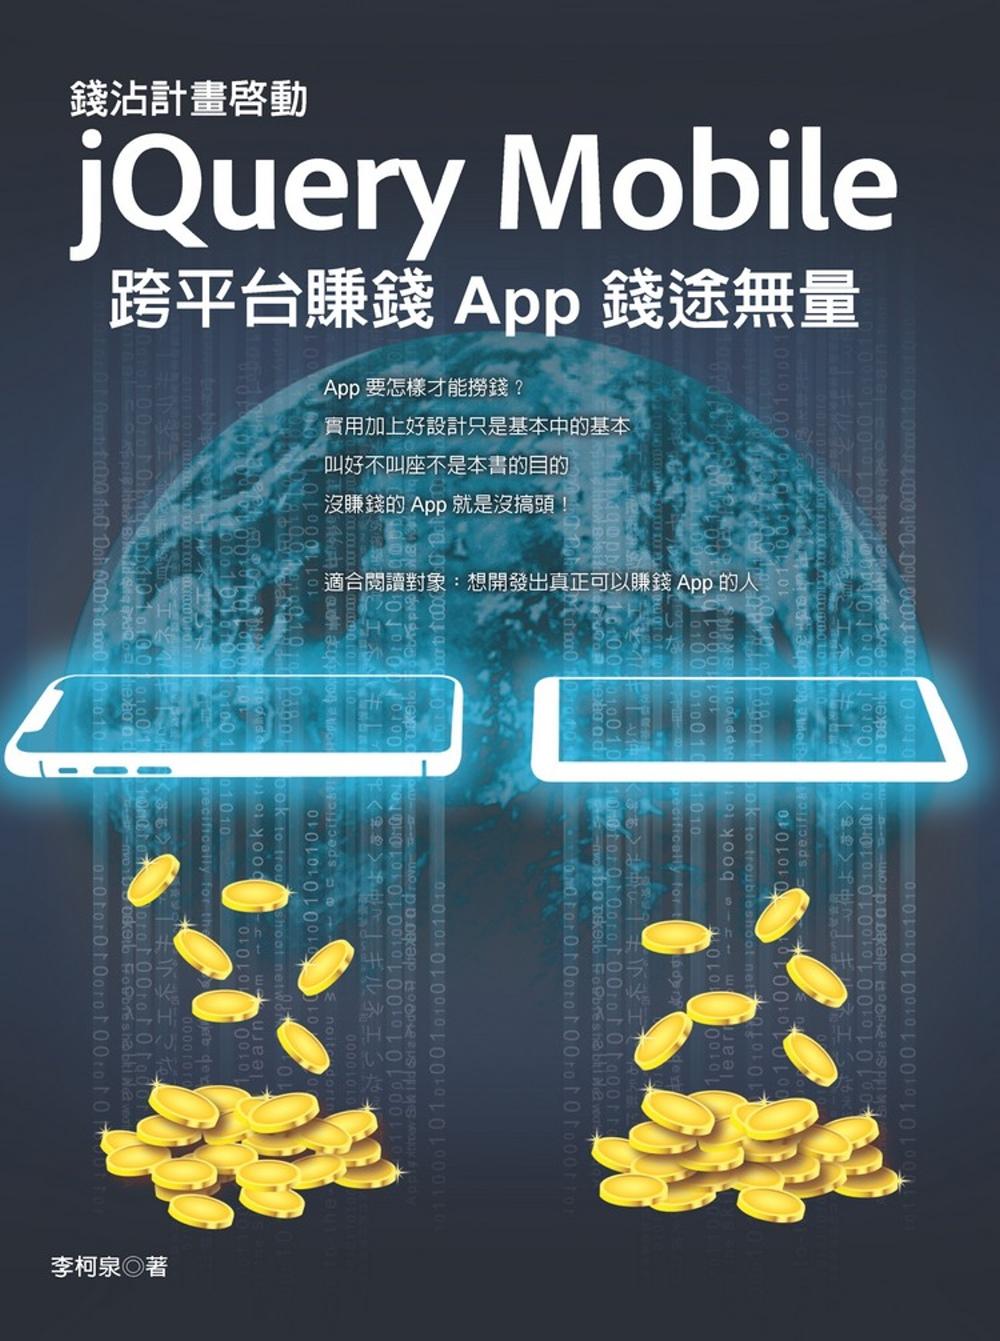 錢沾計畫啟動:jQuery Mobile 跨平台賺錢 App 錢途無量